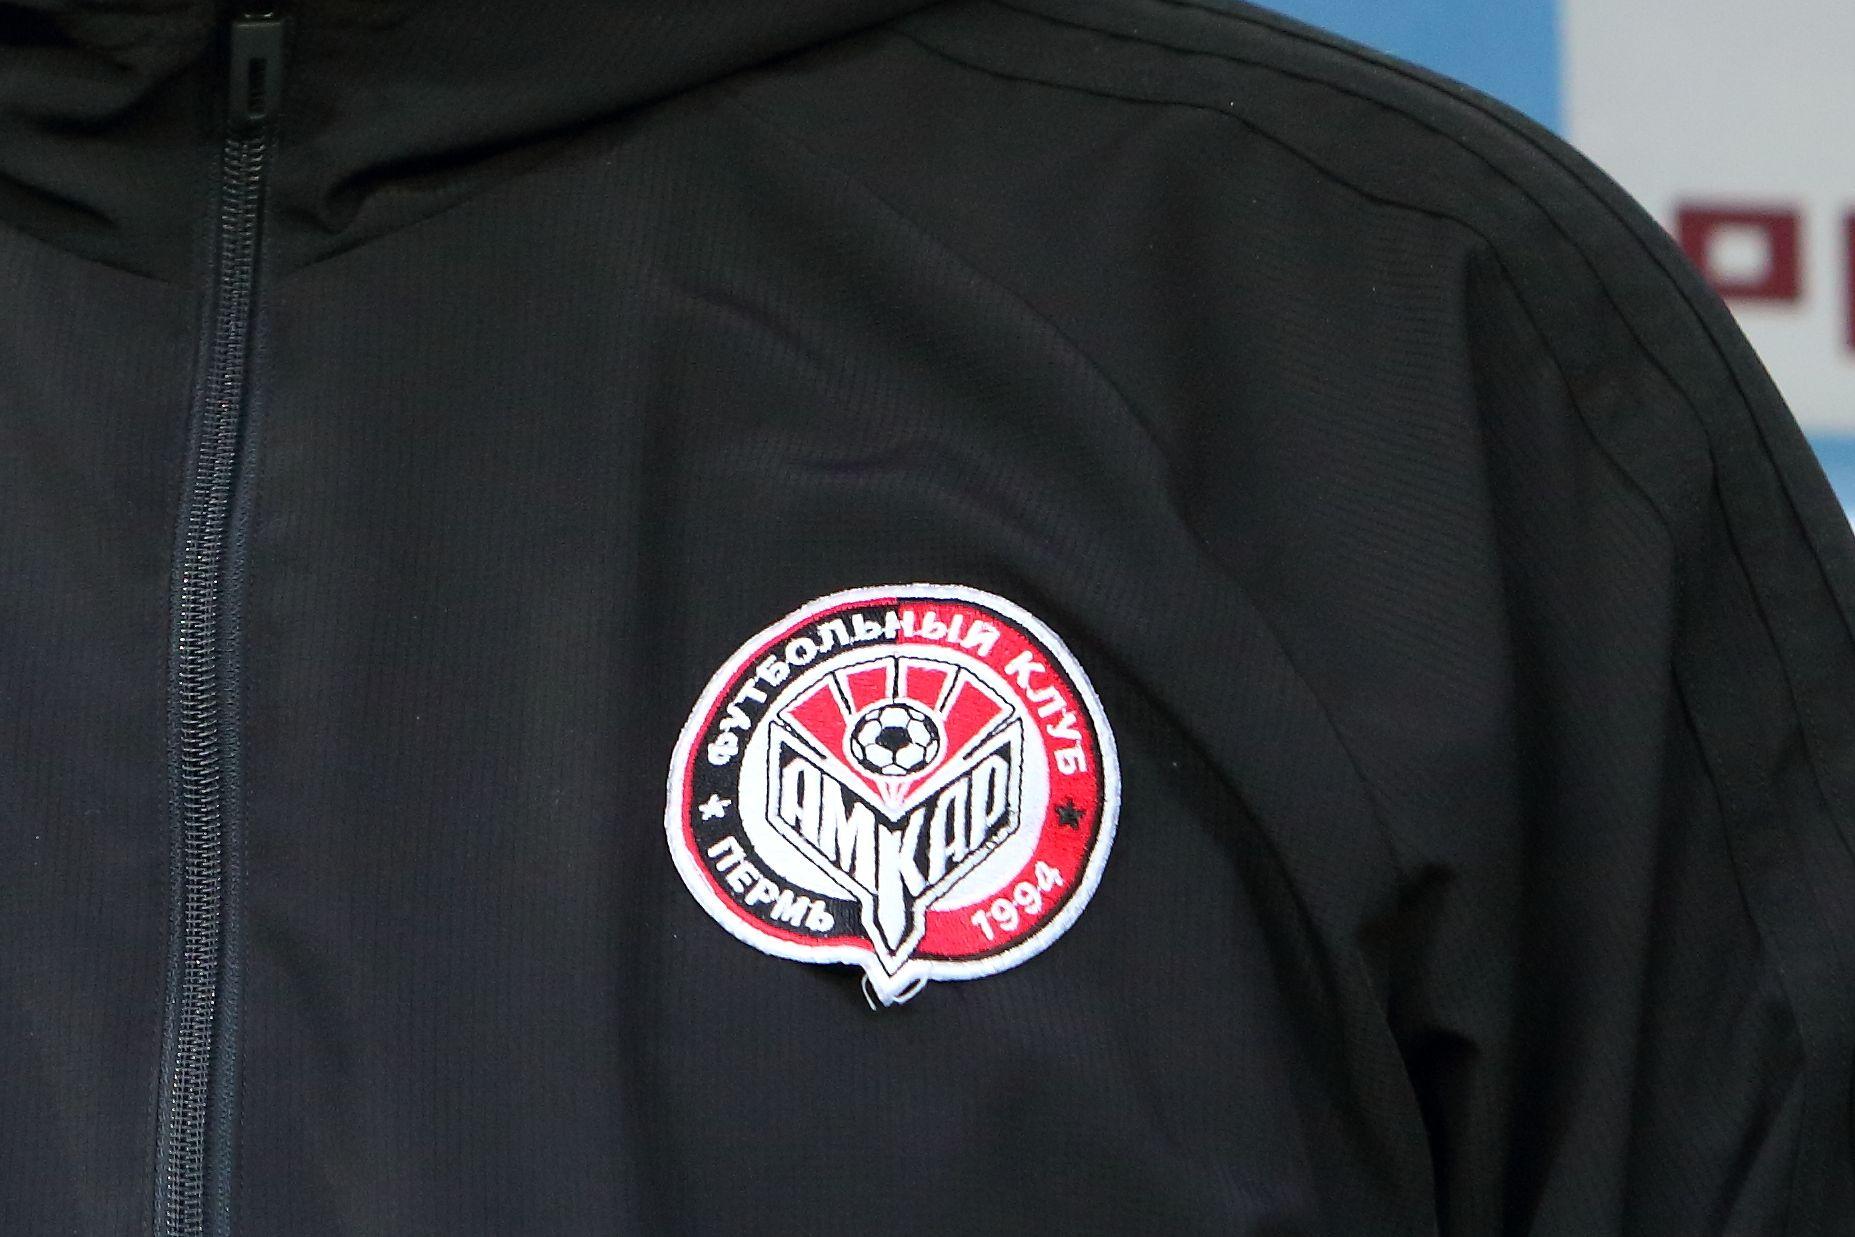 Футбольный клуб 'Амкар' прошёл официальную регистрацию